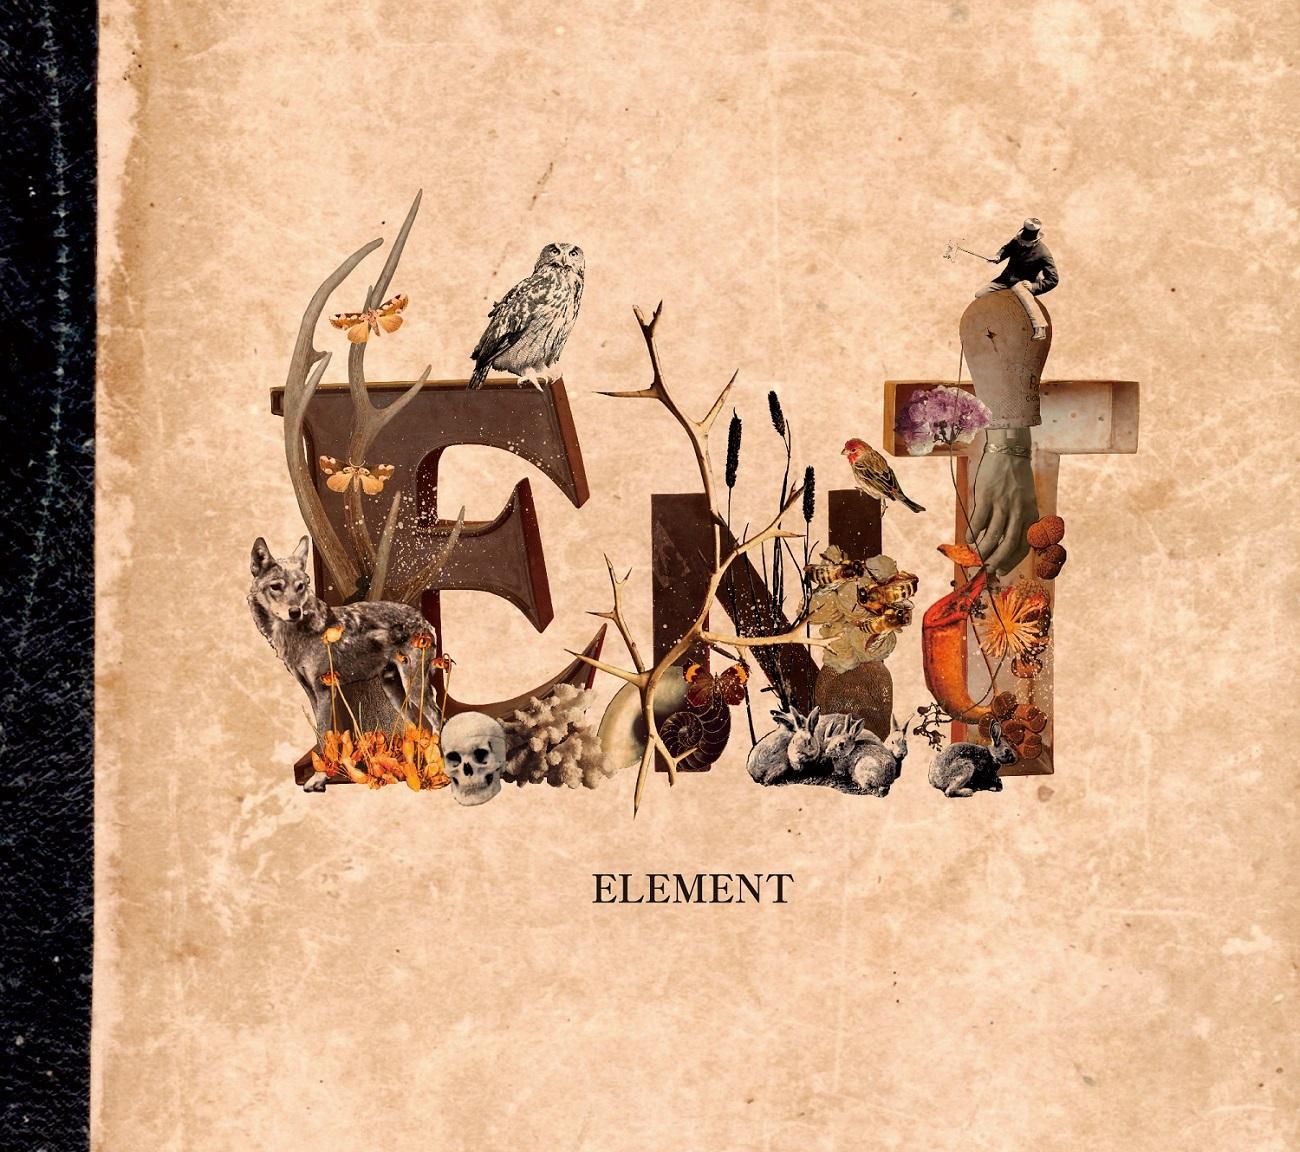 ent『ELEMENT』